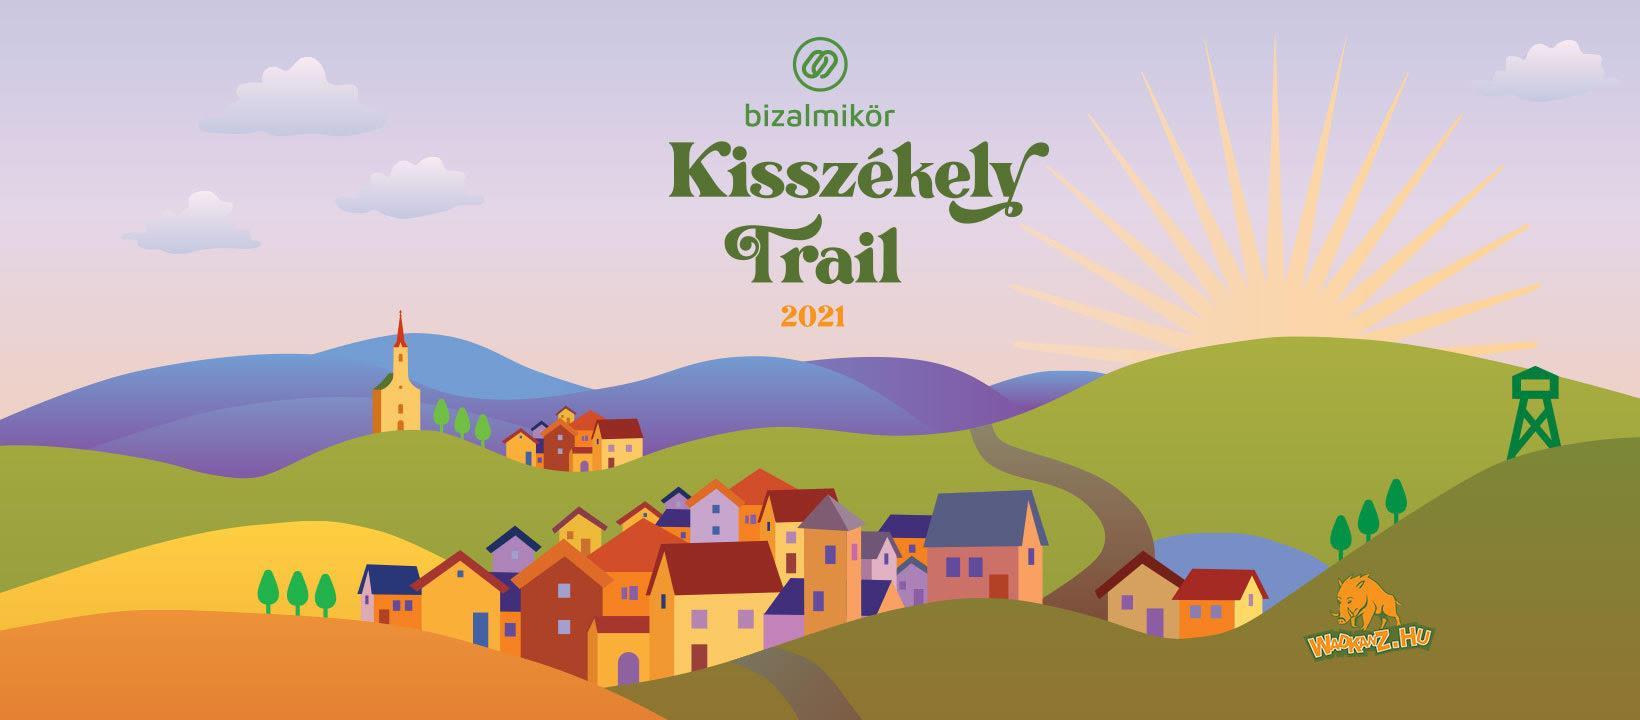 Bizalmi kör Trail – Kisszékely (2021-09-04)